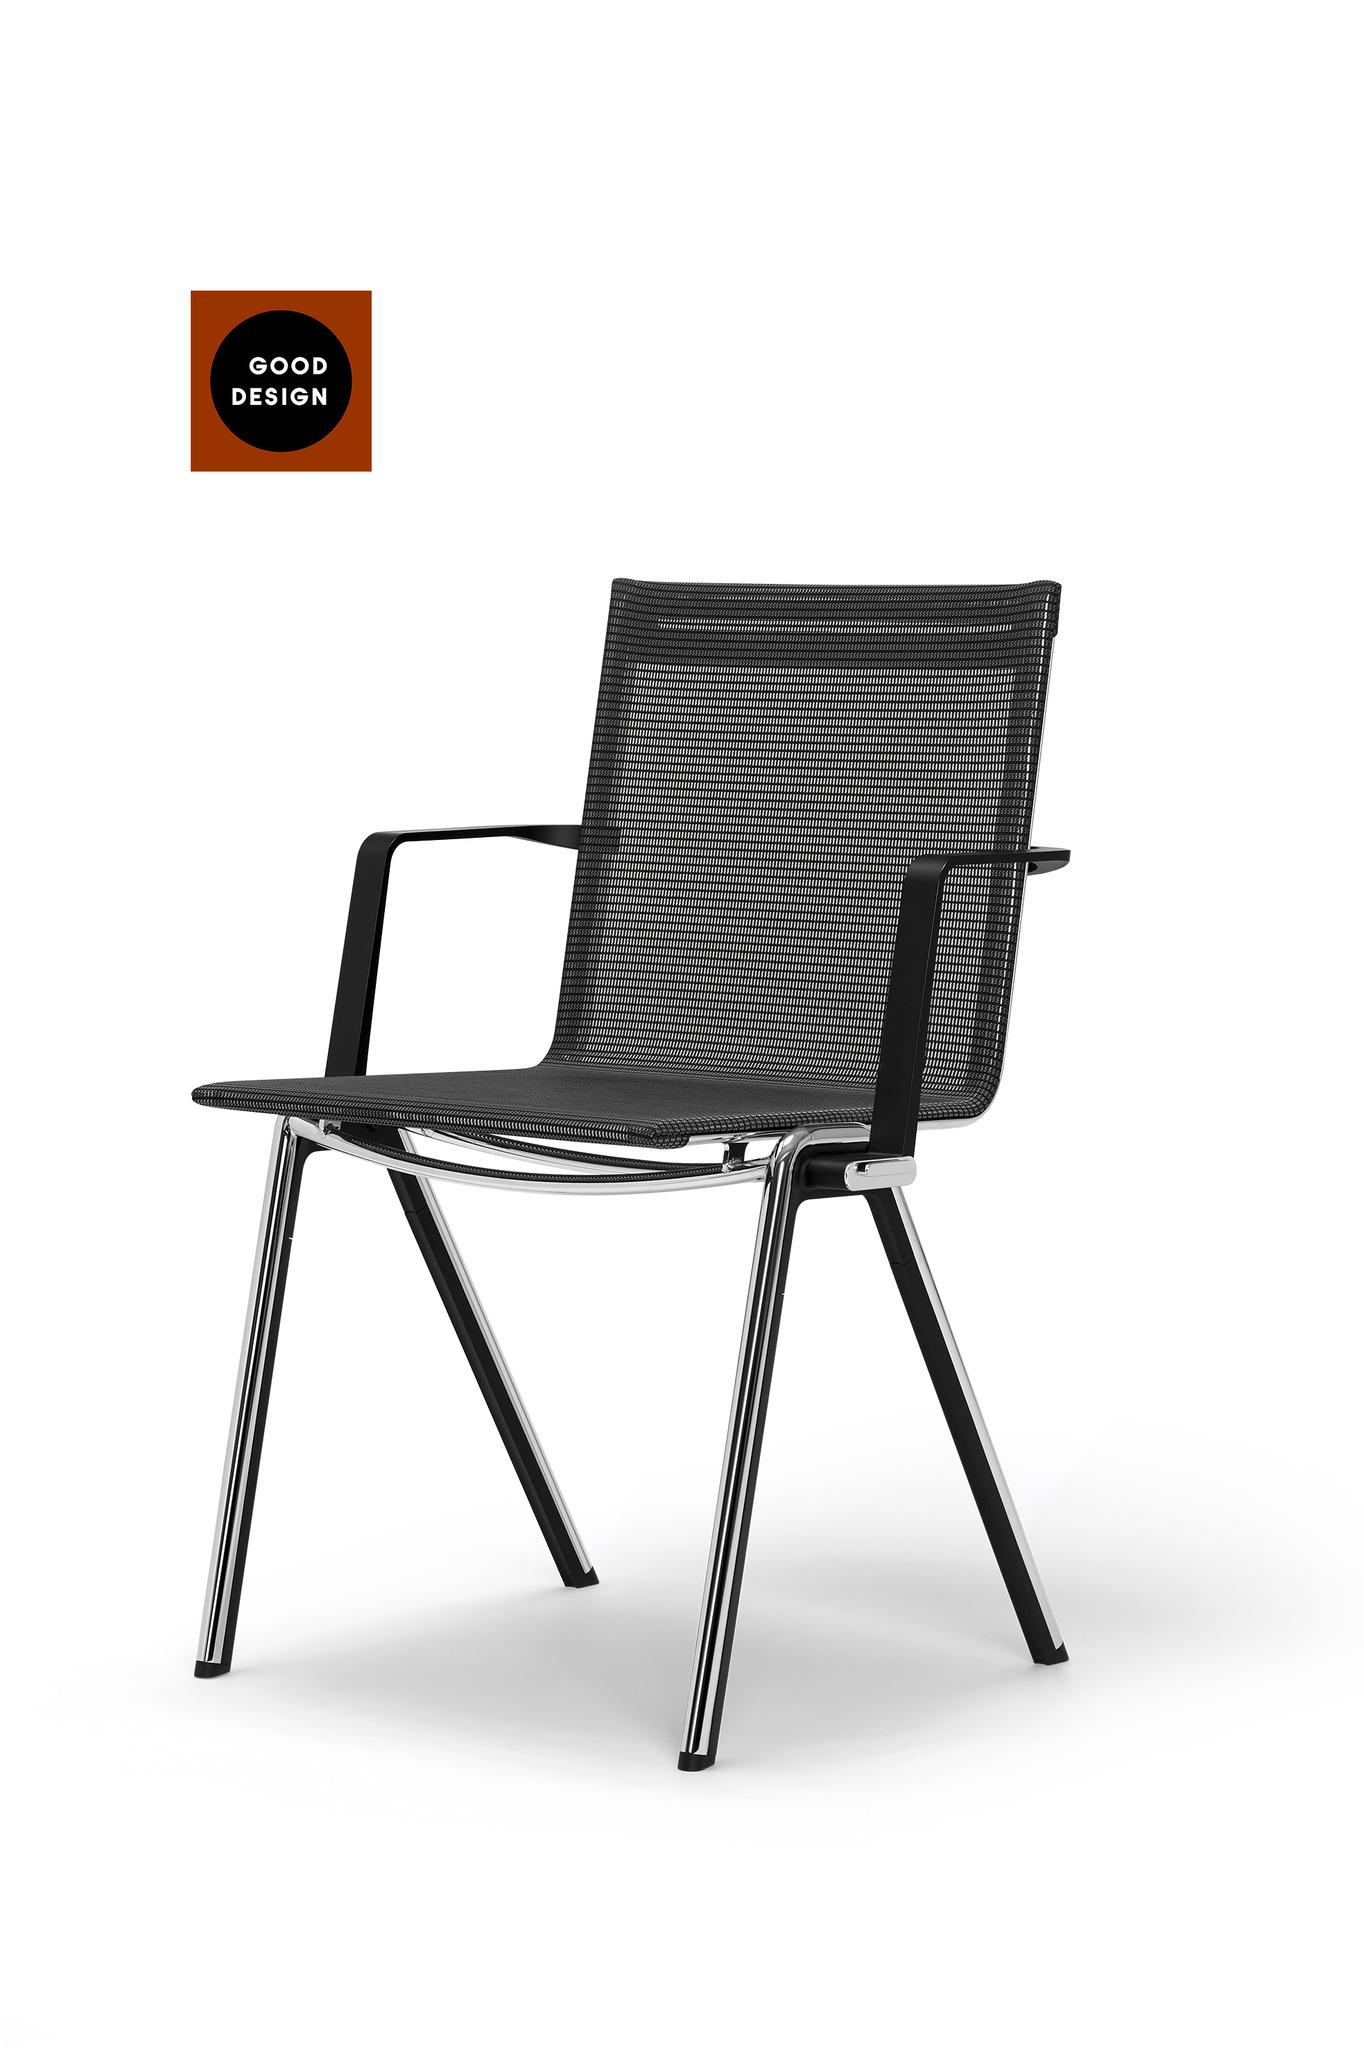 Auszeichnung Für Braun Lockenhaus Good Design Award 2017 Für Blaq